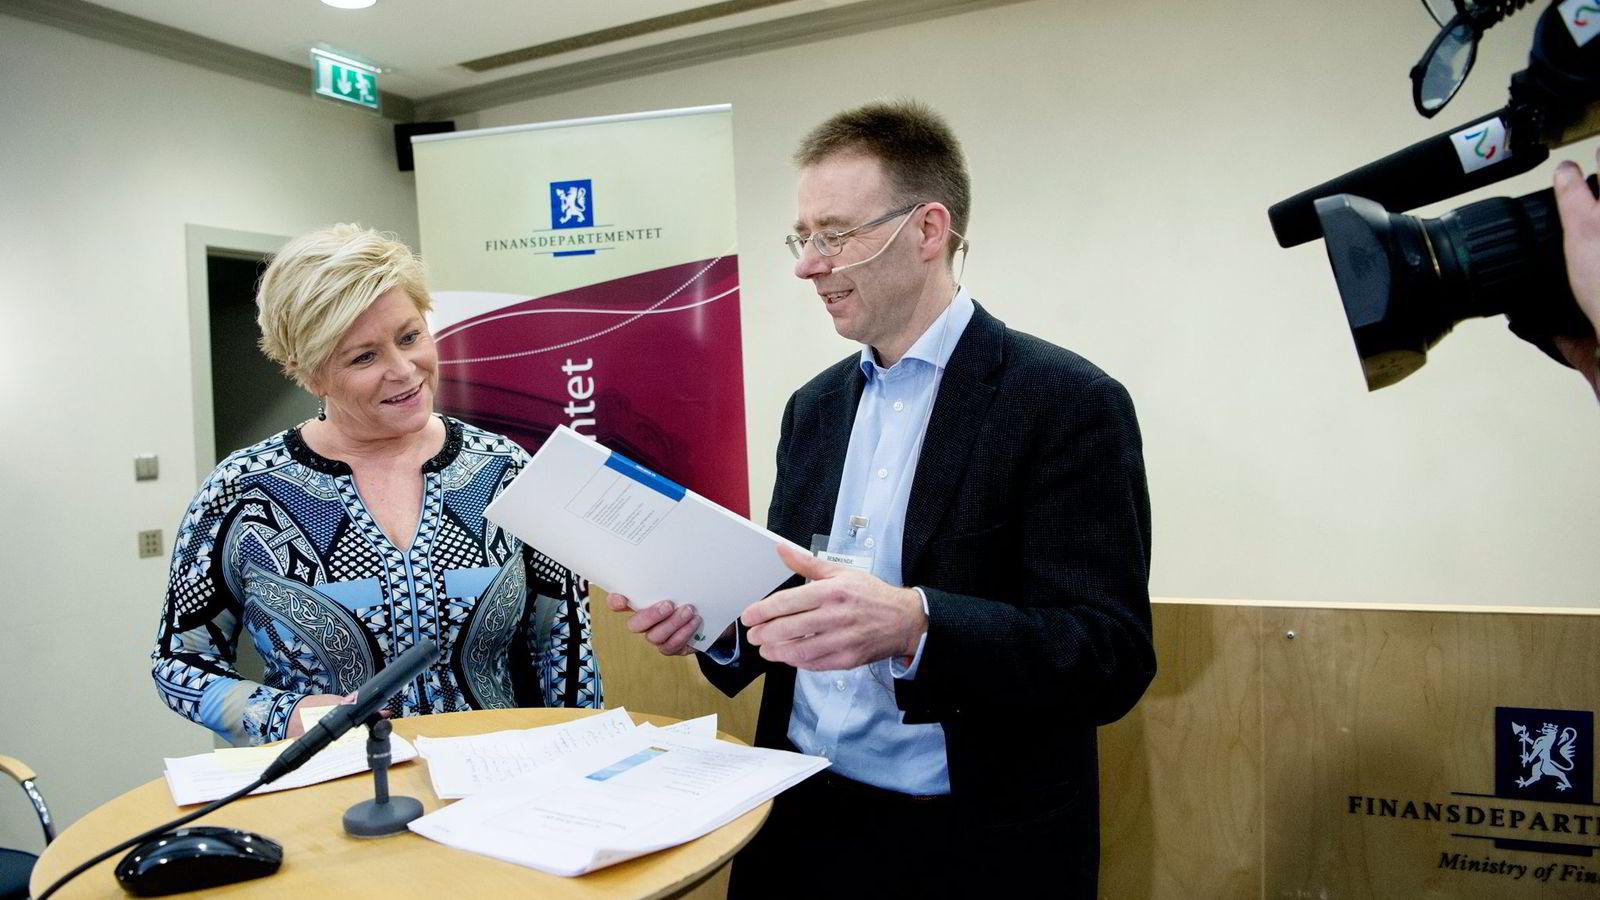 Leder Lars-Erik Borge i Grønn skattekommisjon vil kutte taxfreeordningen fordi flere lokkes til å fly. Onsdag kunne han overrekke rapporten til finansminister Siv Jensen.